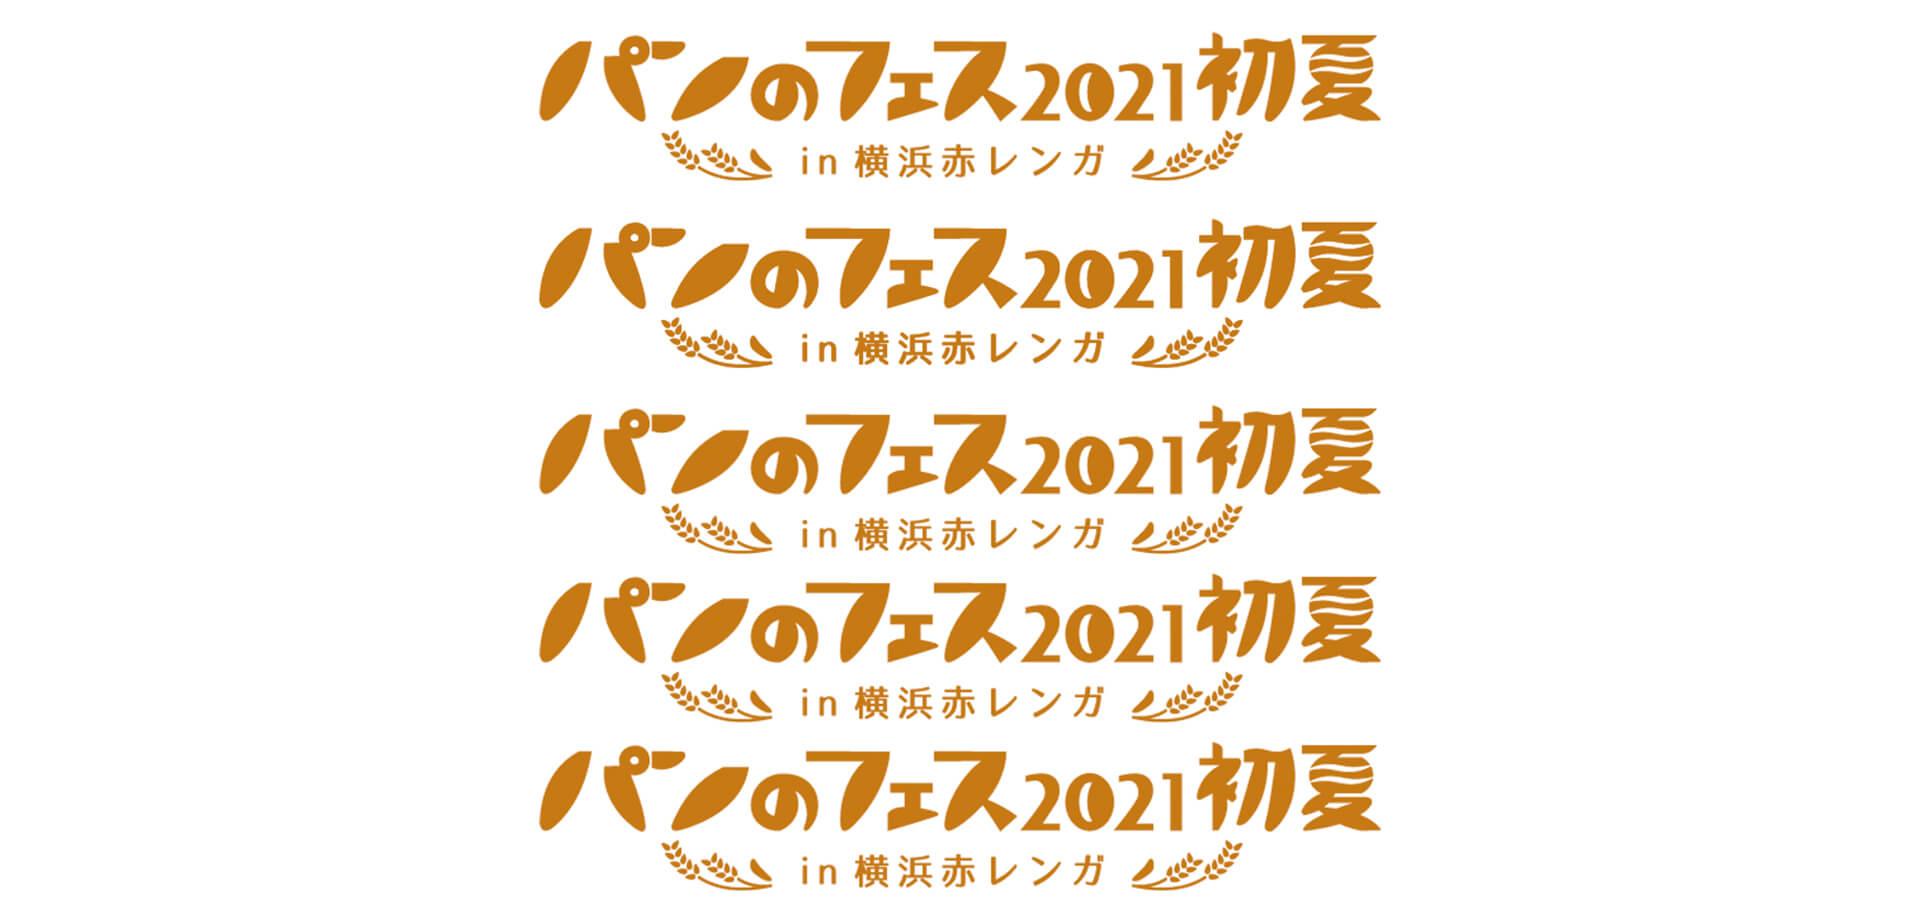 パンのフェス2021初夏 in 横浜赤レンガ